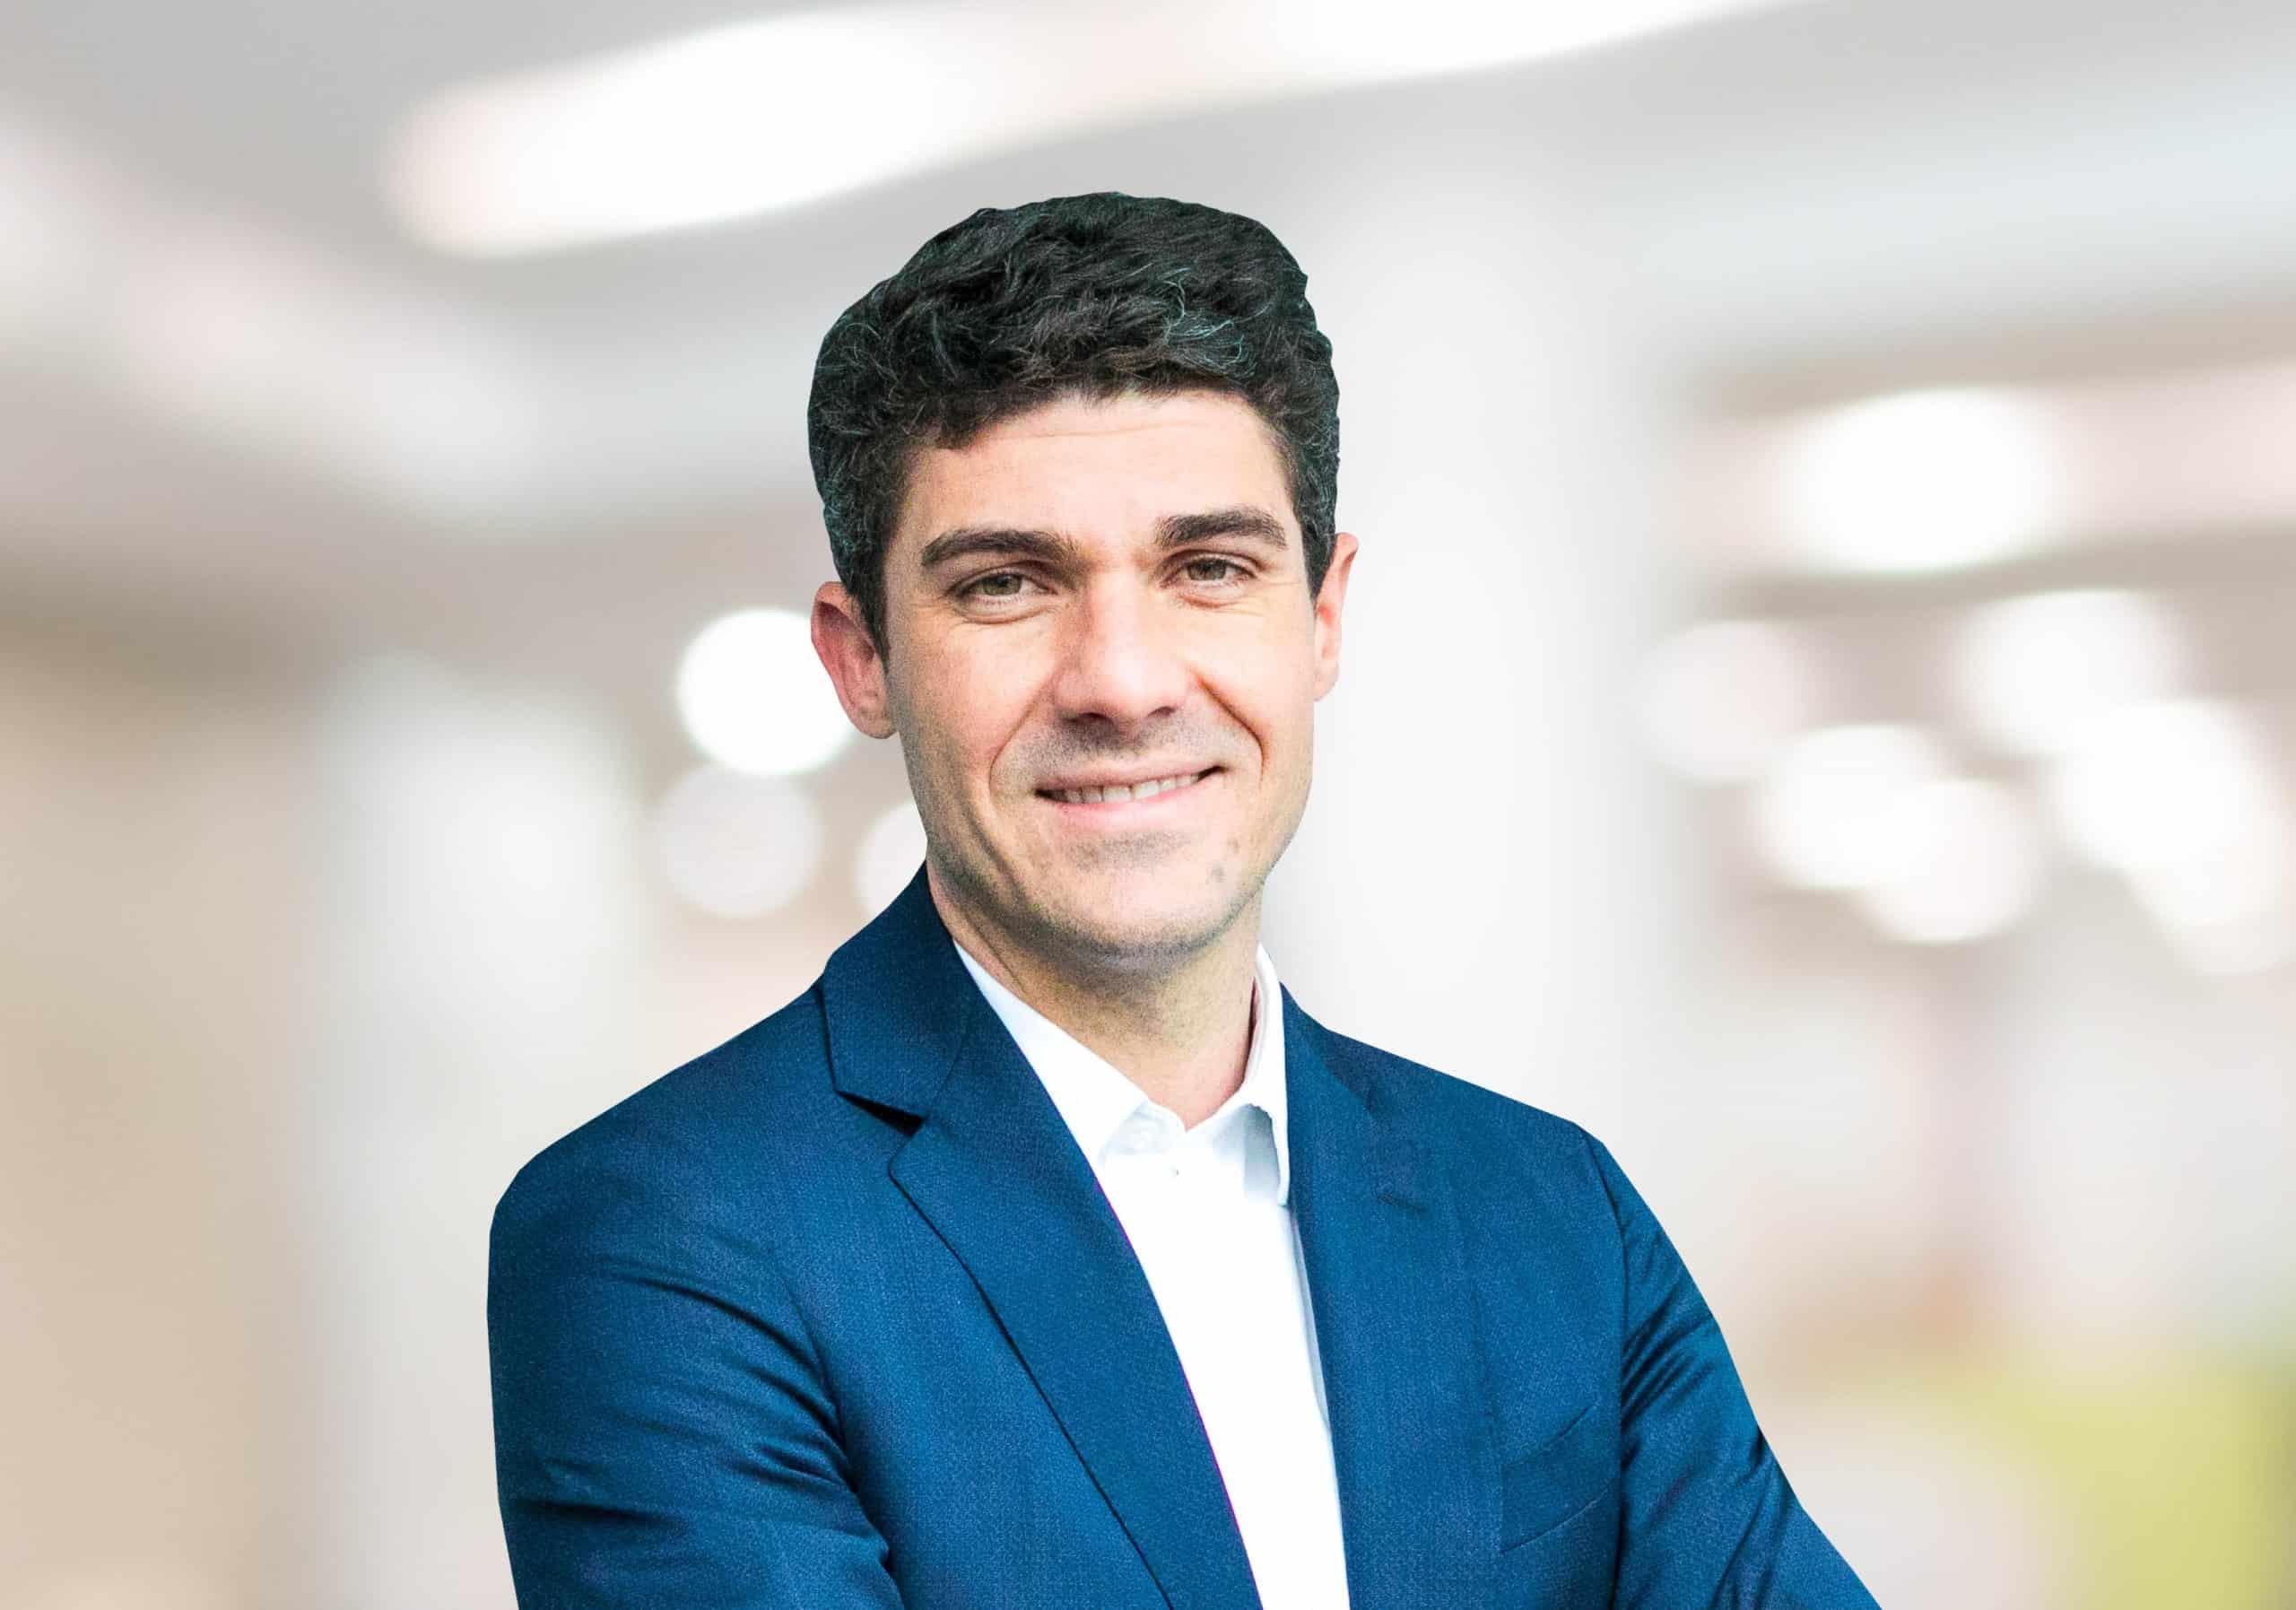 Aurélien Pradié candidat régionales occitanies 2021